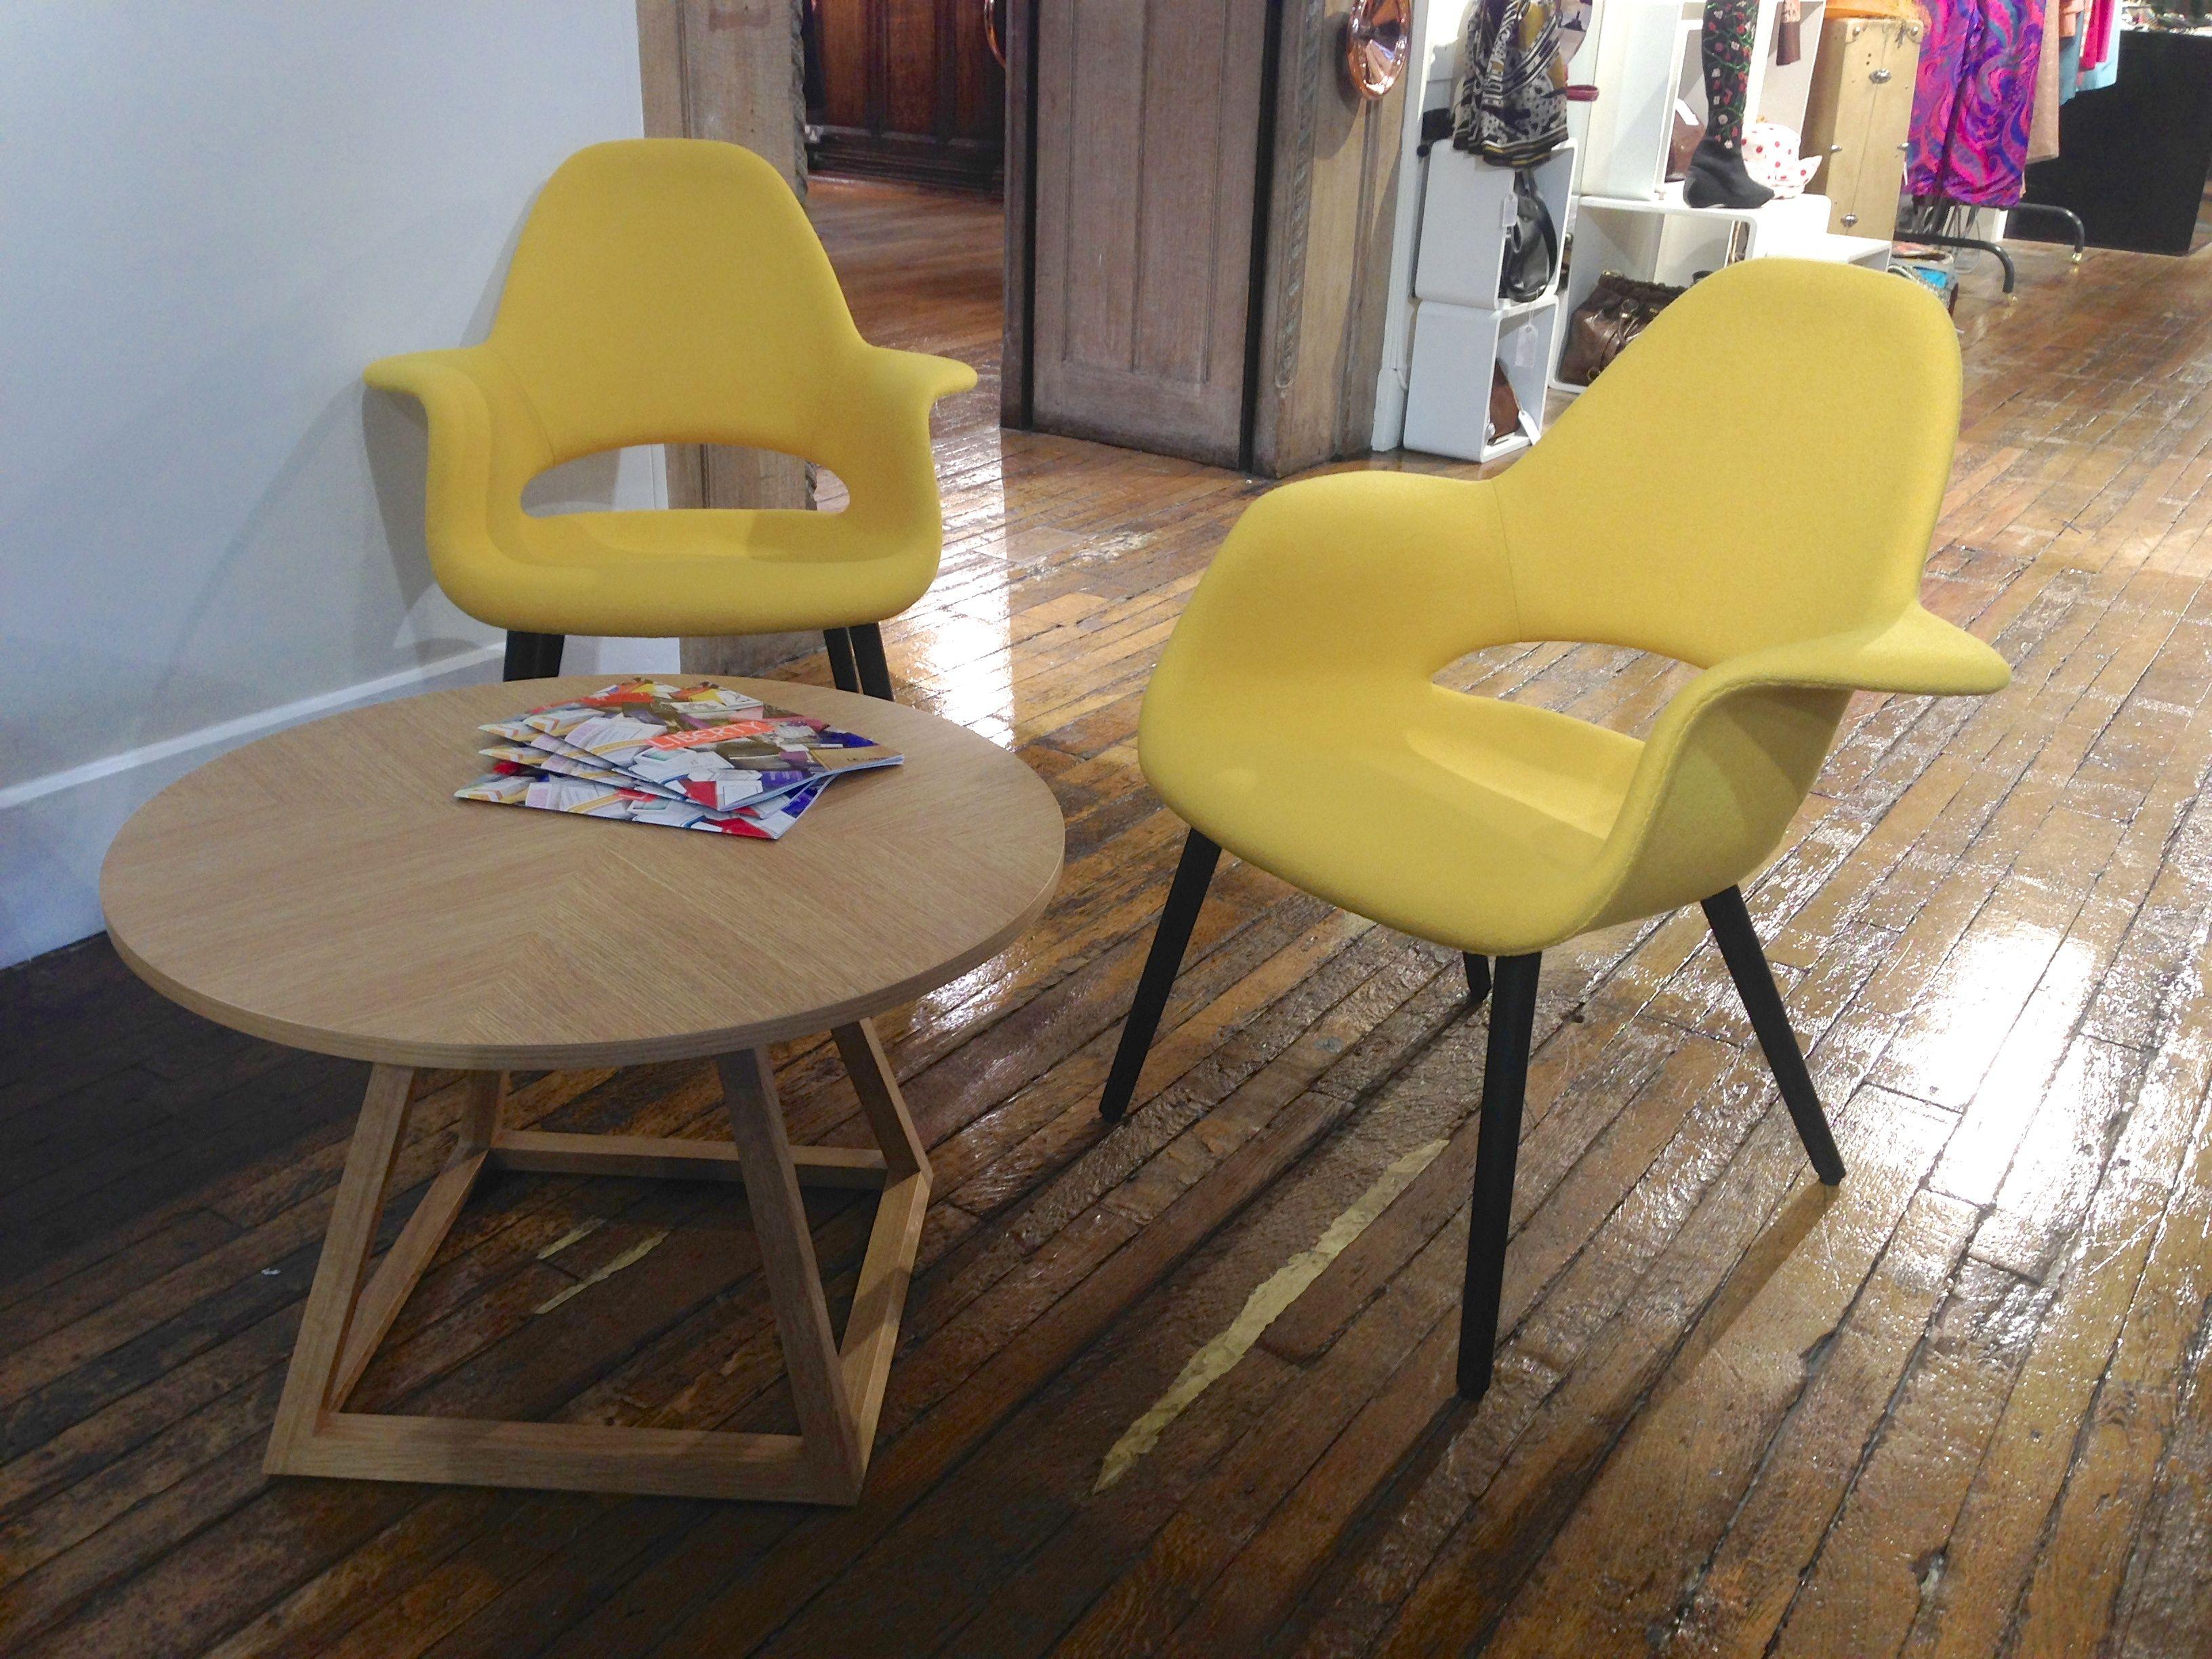 Yellow Vitra Organic Chairs At Liberty, London Libertymid Centuryorganicfreedompolitical